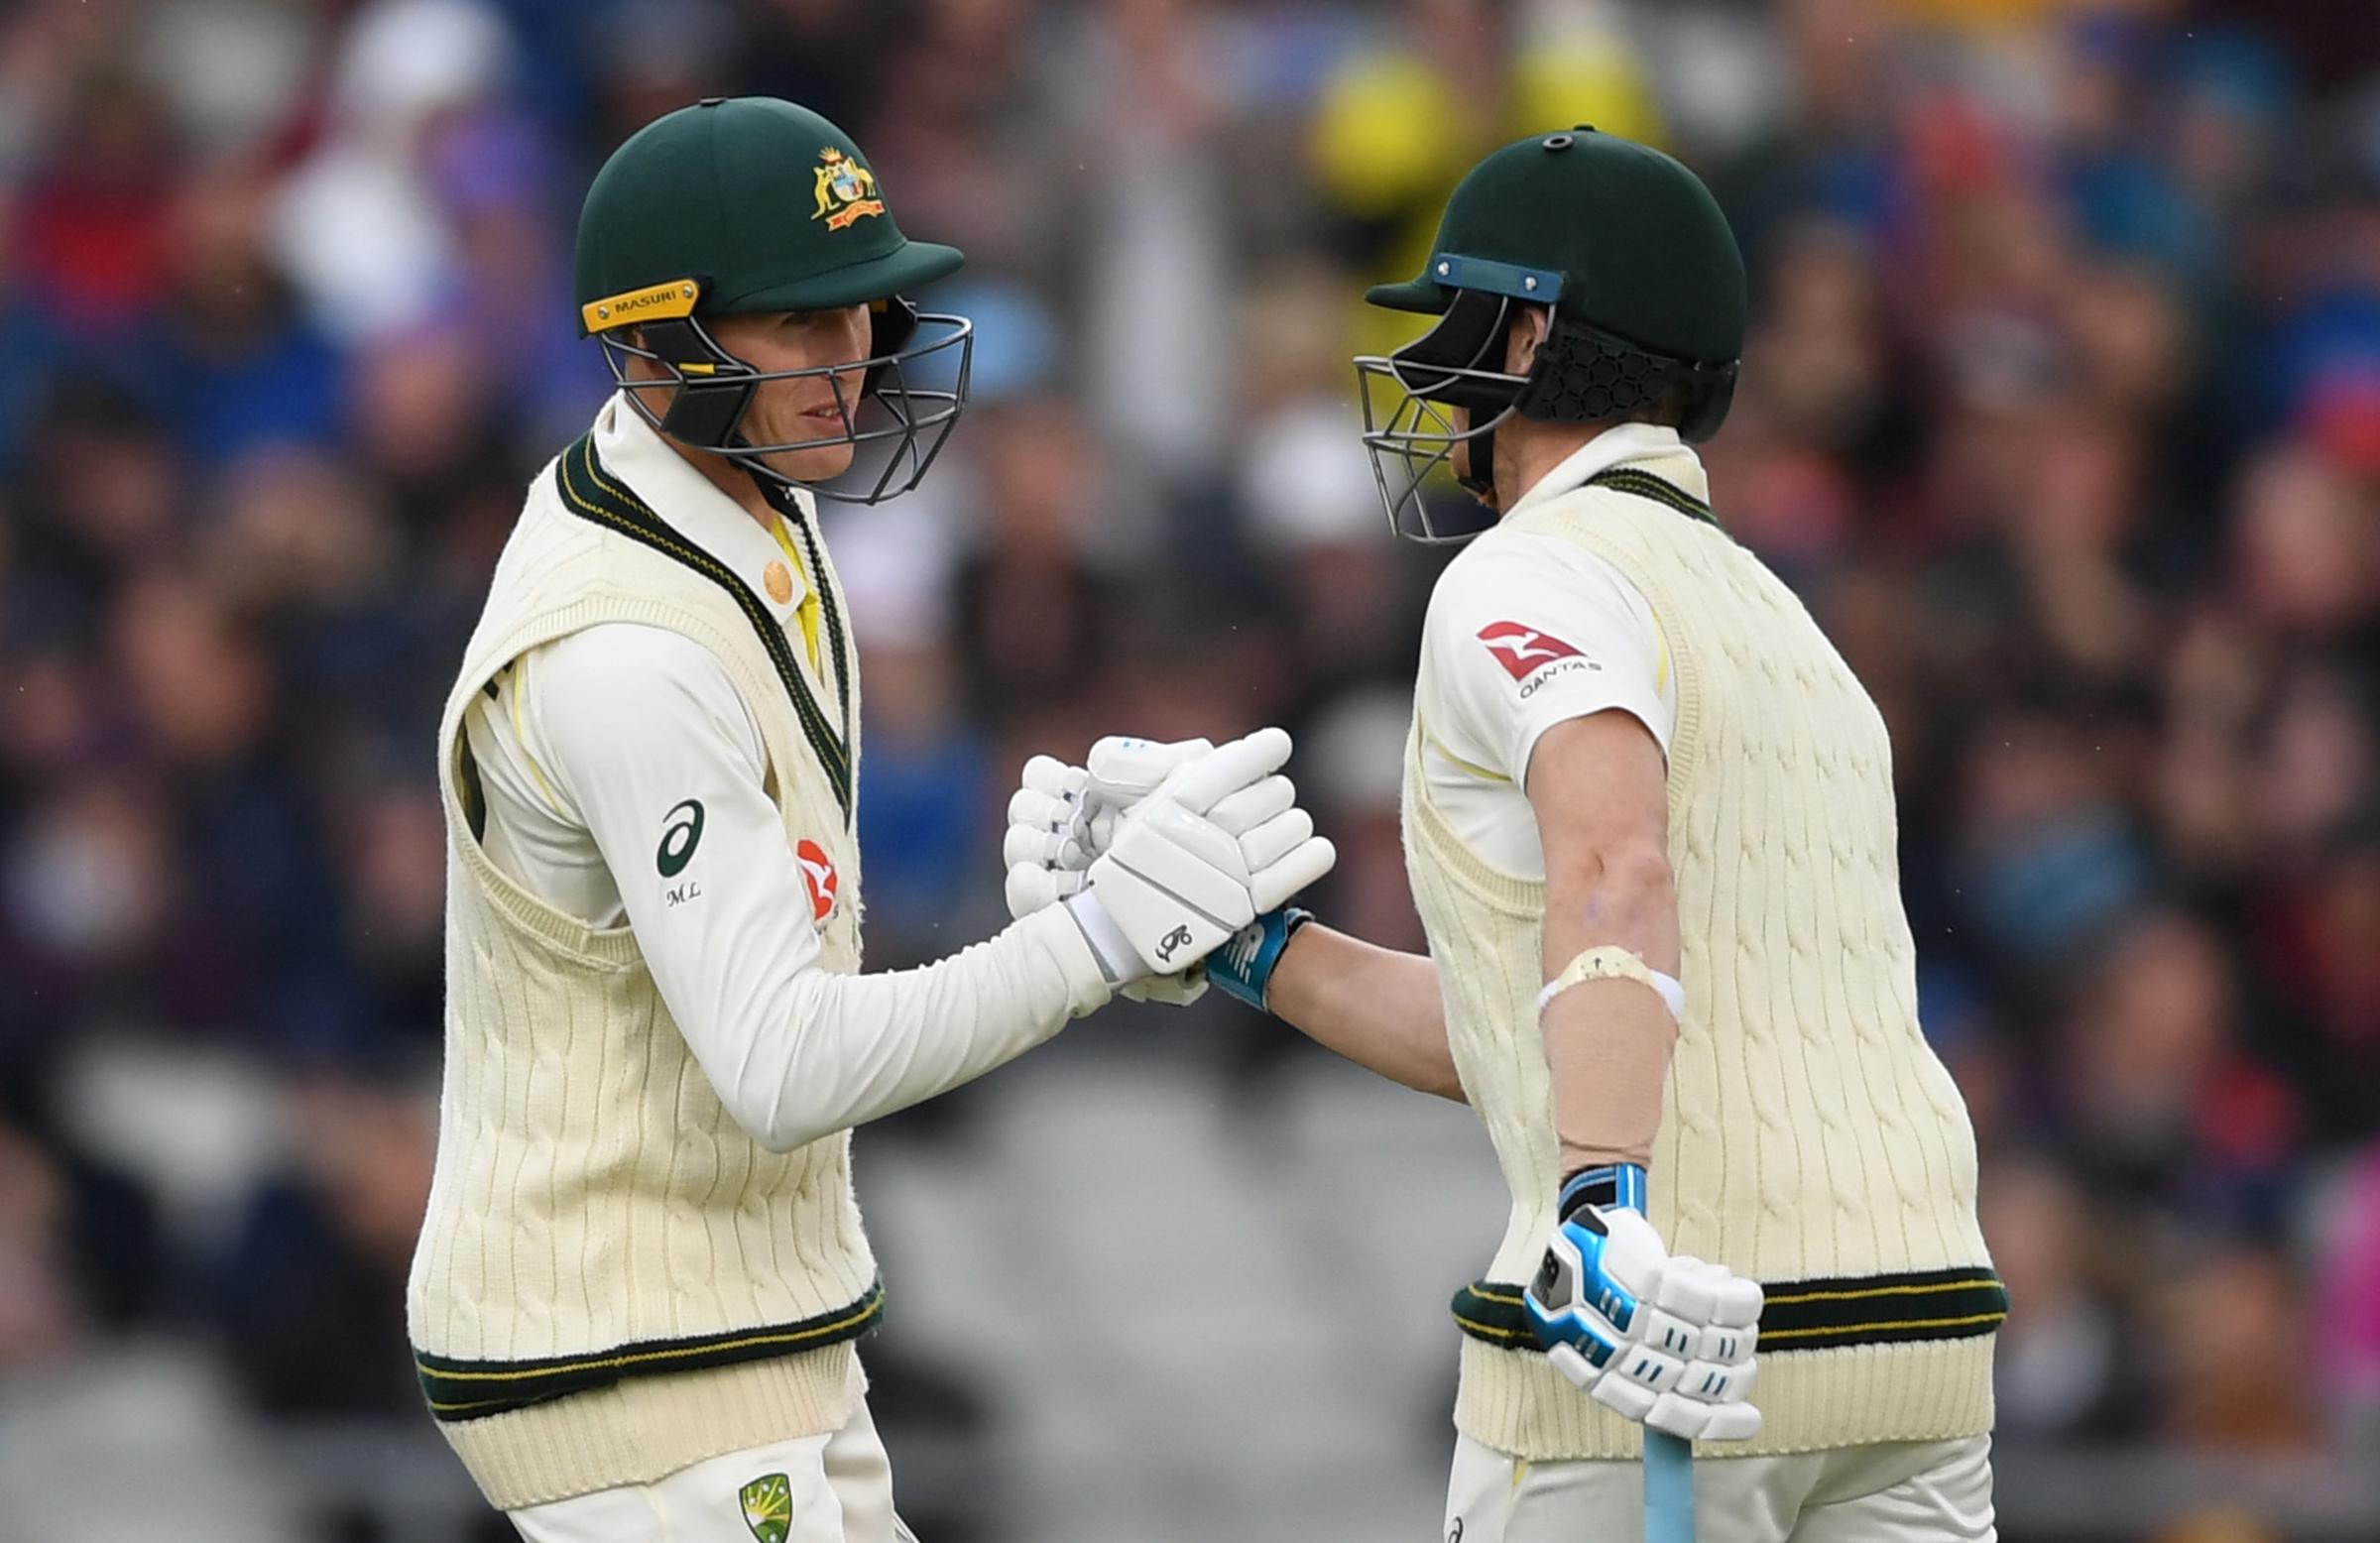 5 बल्लेबाज जिन्होंने आईसीसी टेस्ट चैंपियनशिप में बनाए हैं सबसे ज्यादा रन 5